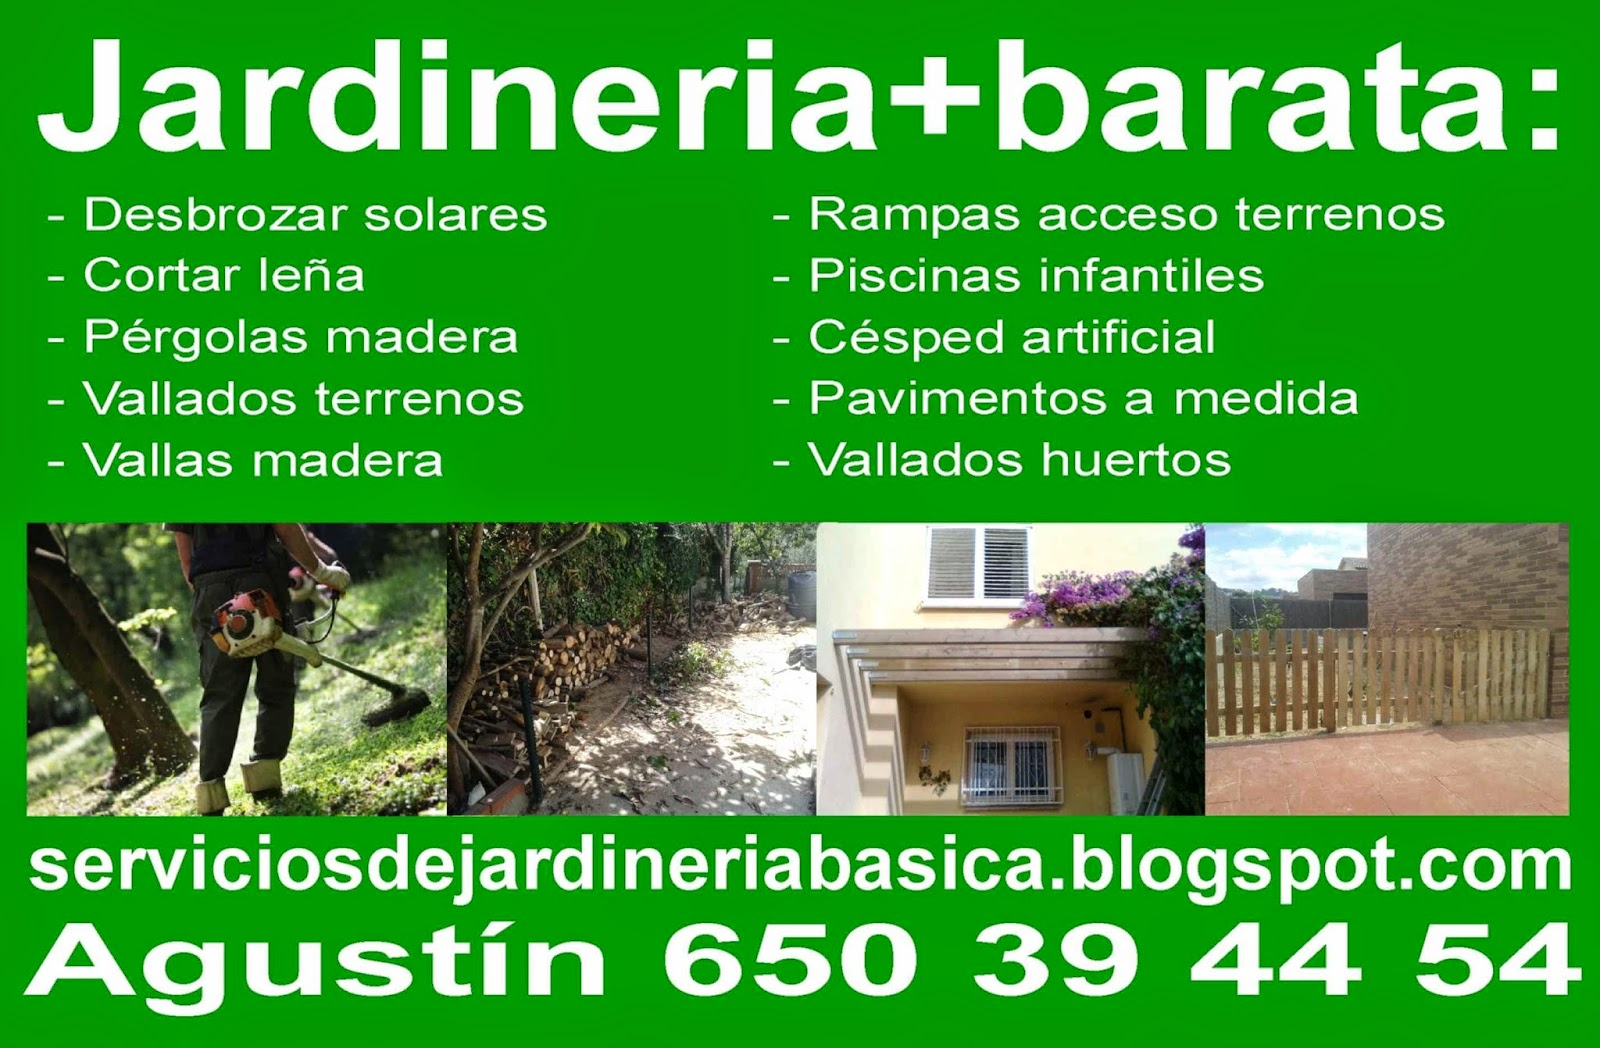 Serviciosdejardineriabasica jardineria barata atenci n for Empresas de jardineria